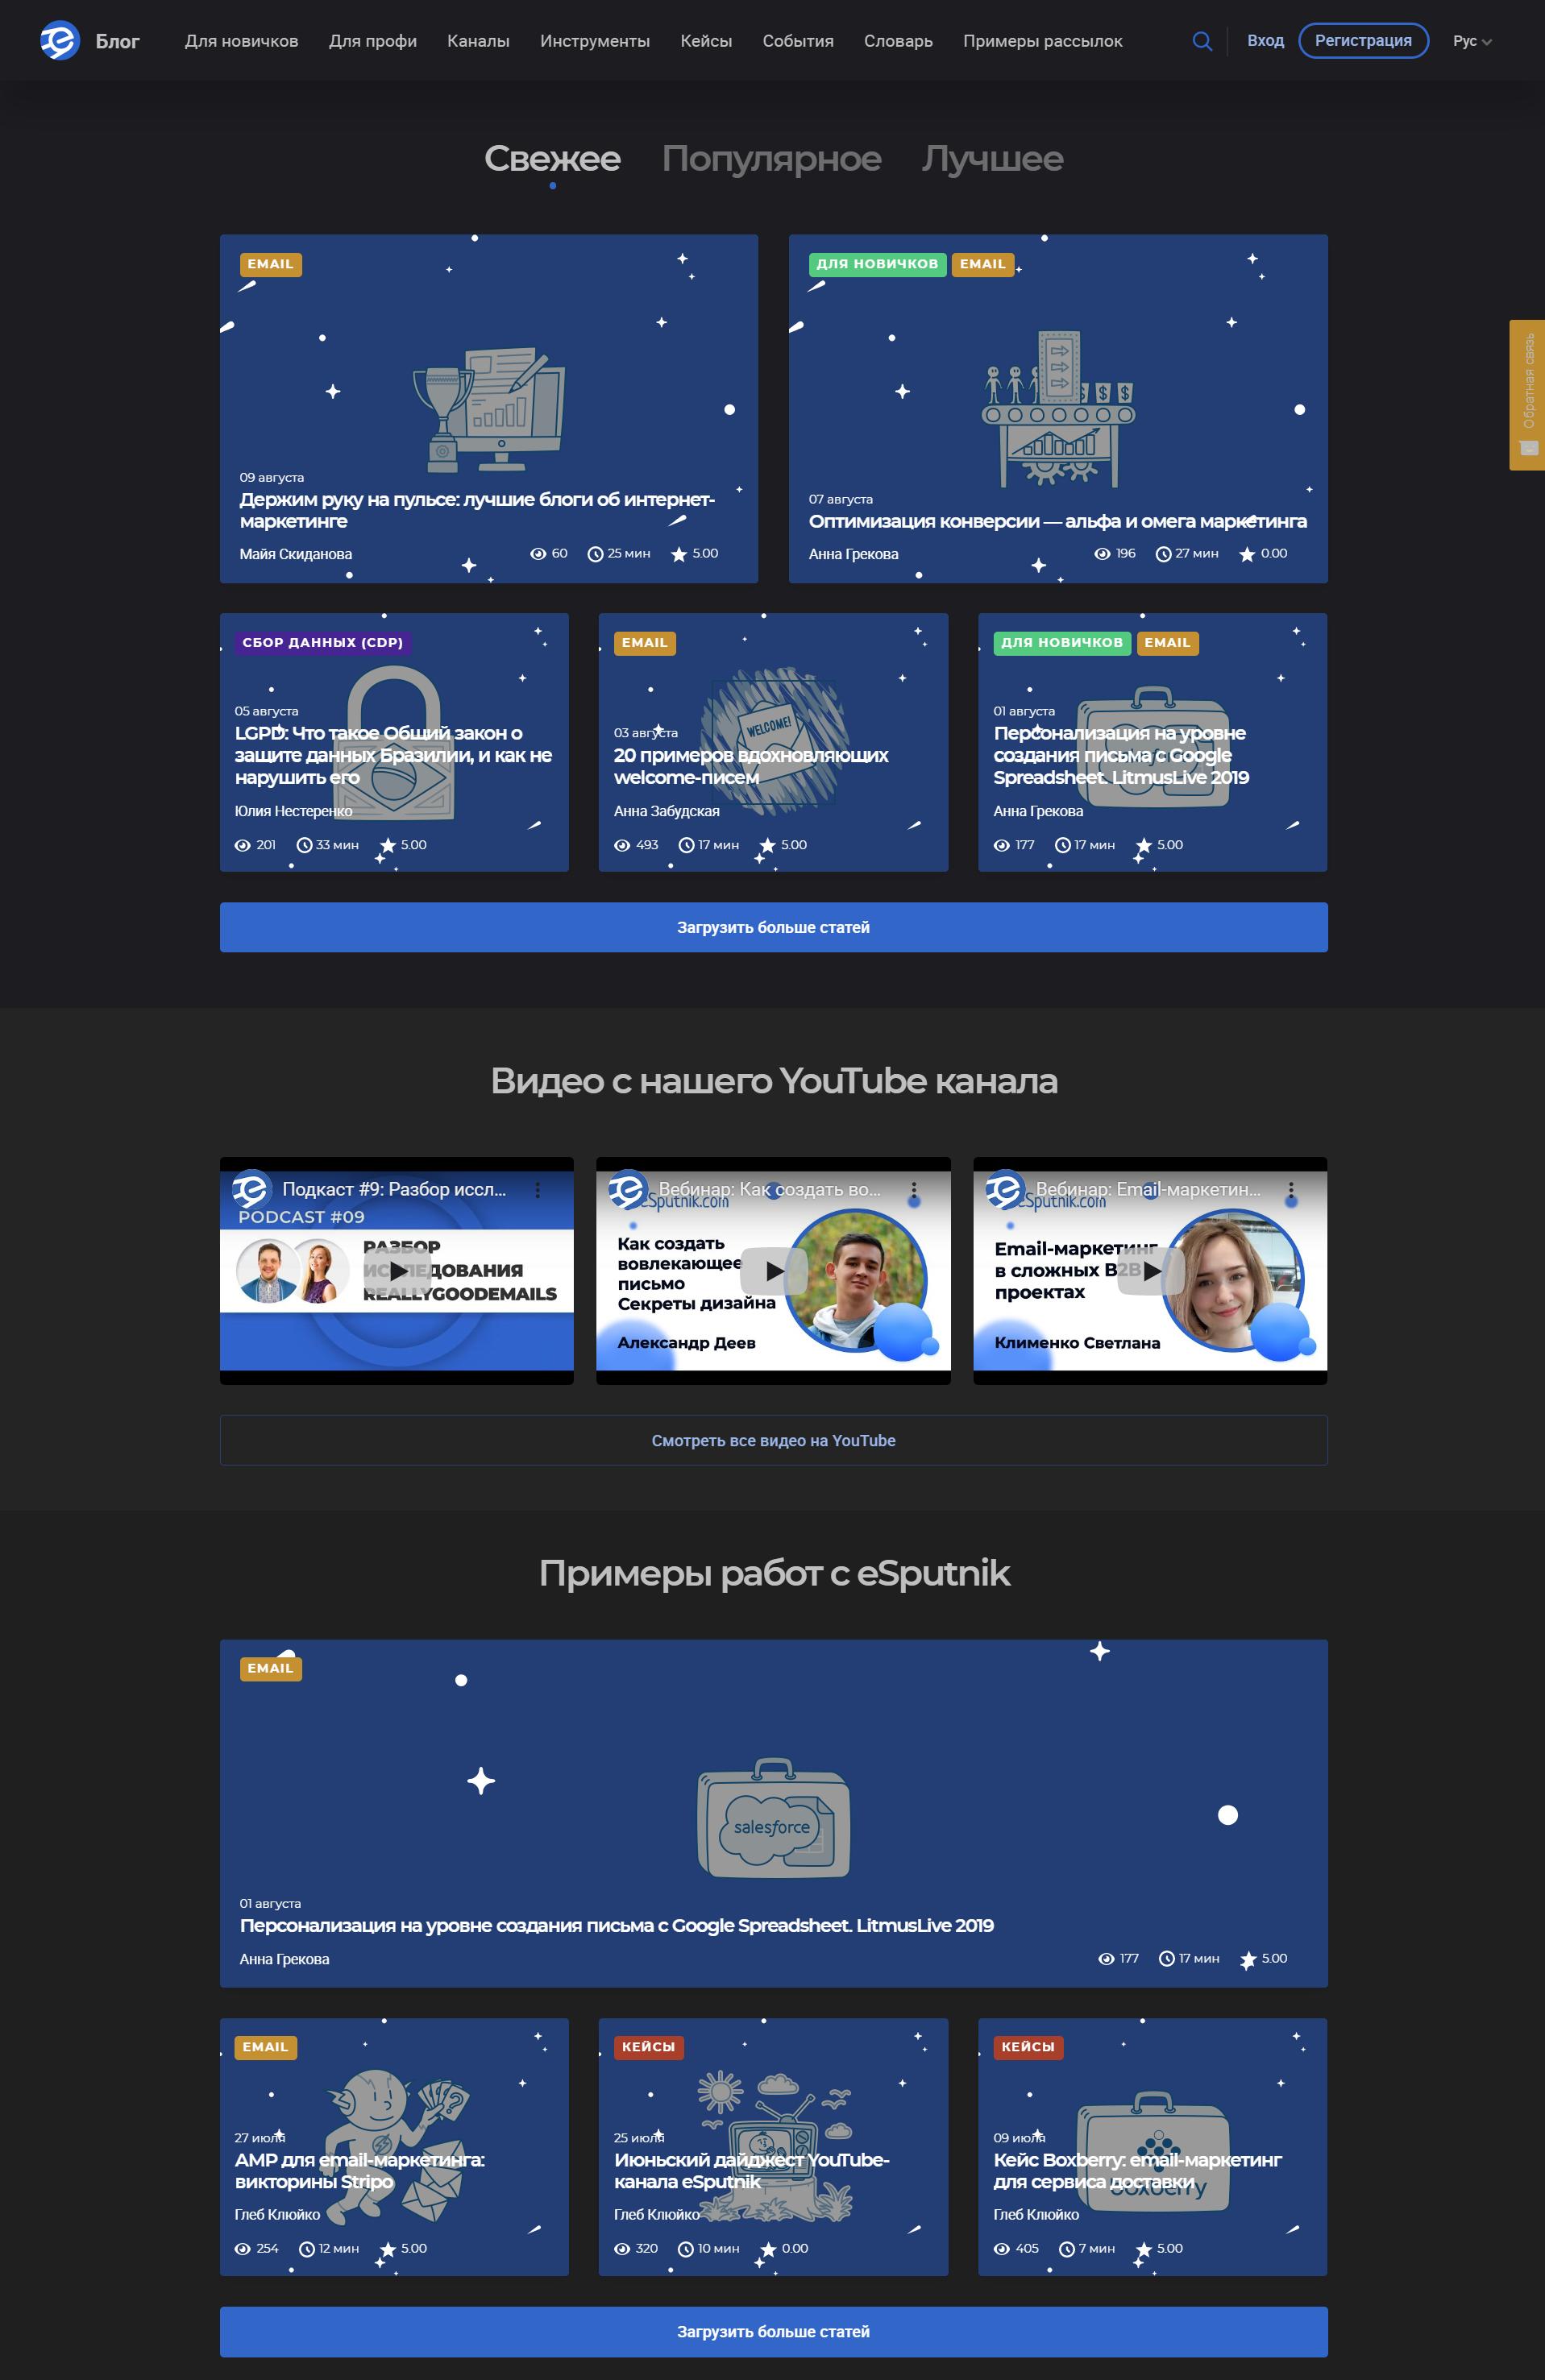 Сайт eSputnik с темным режимом